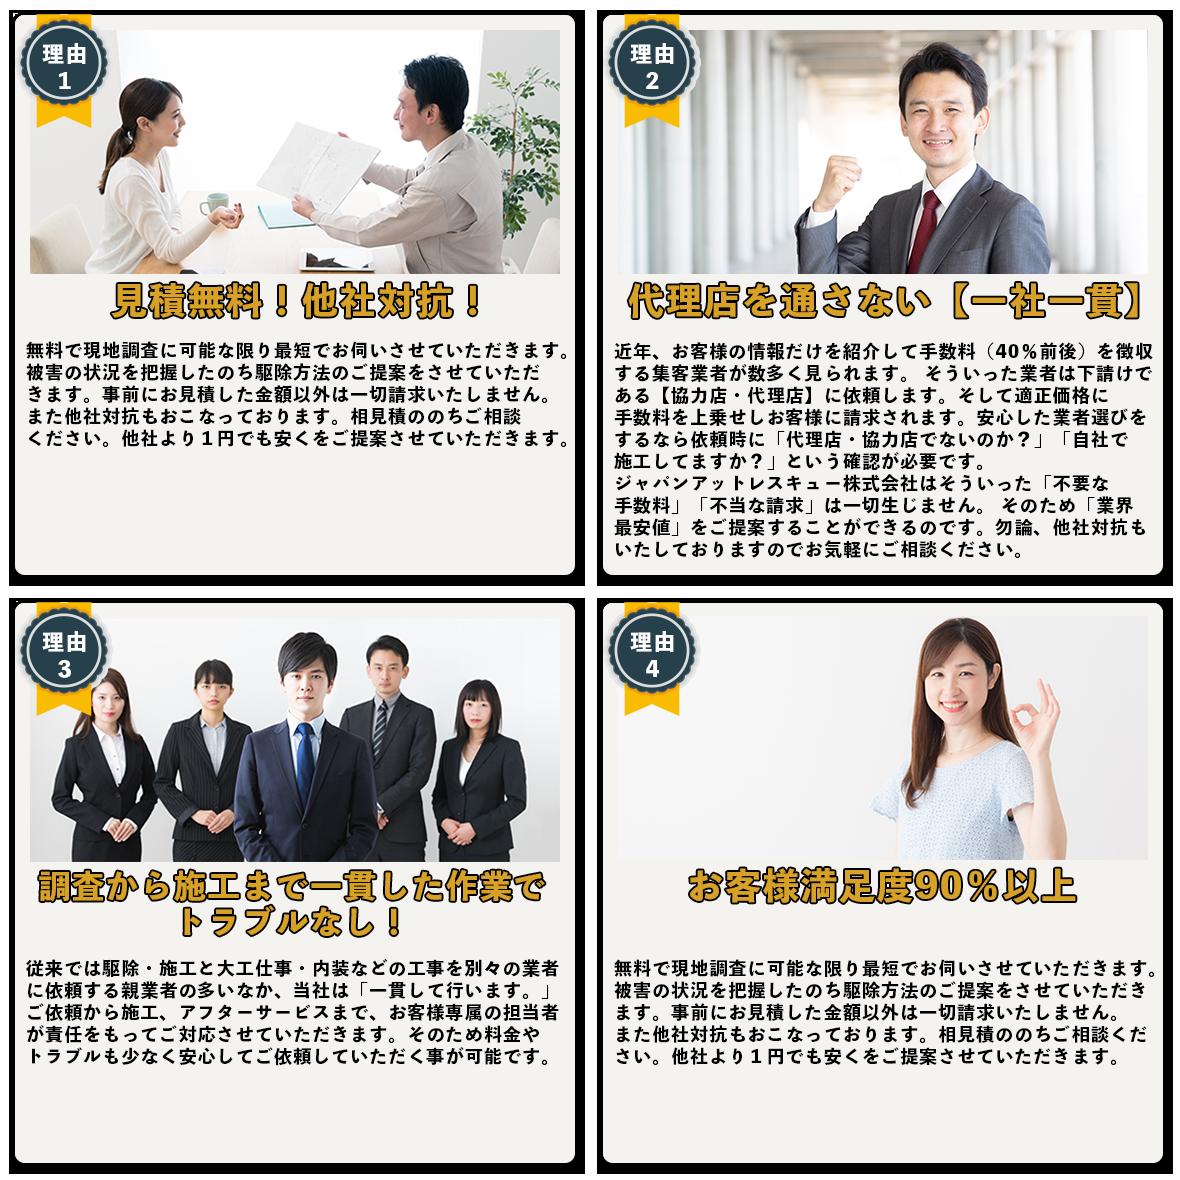 ジャパンアットレスキューが選ばれる4つの理由